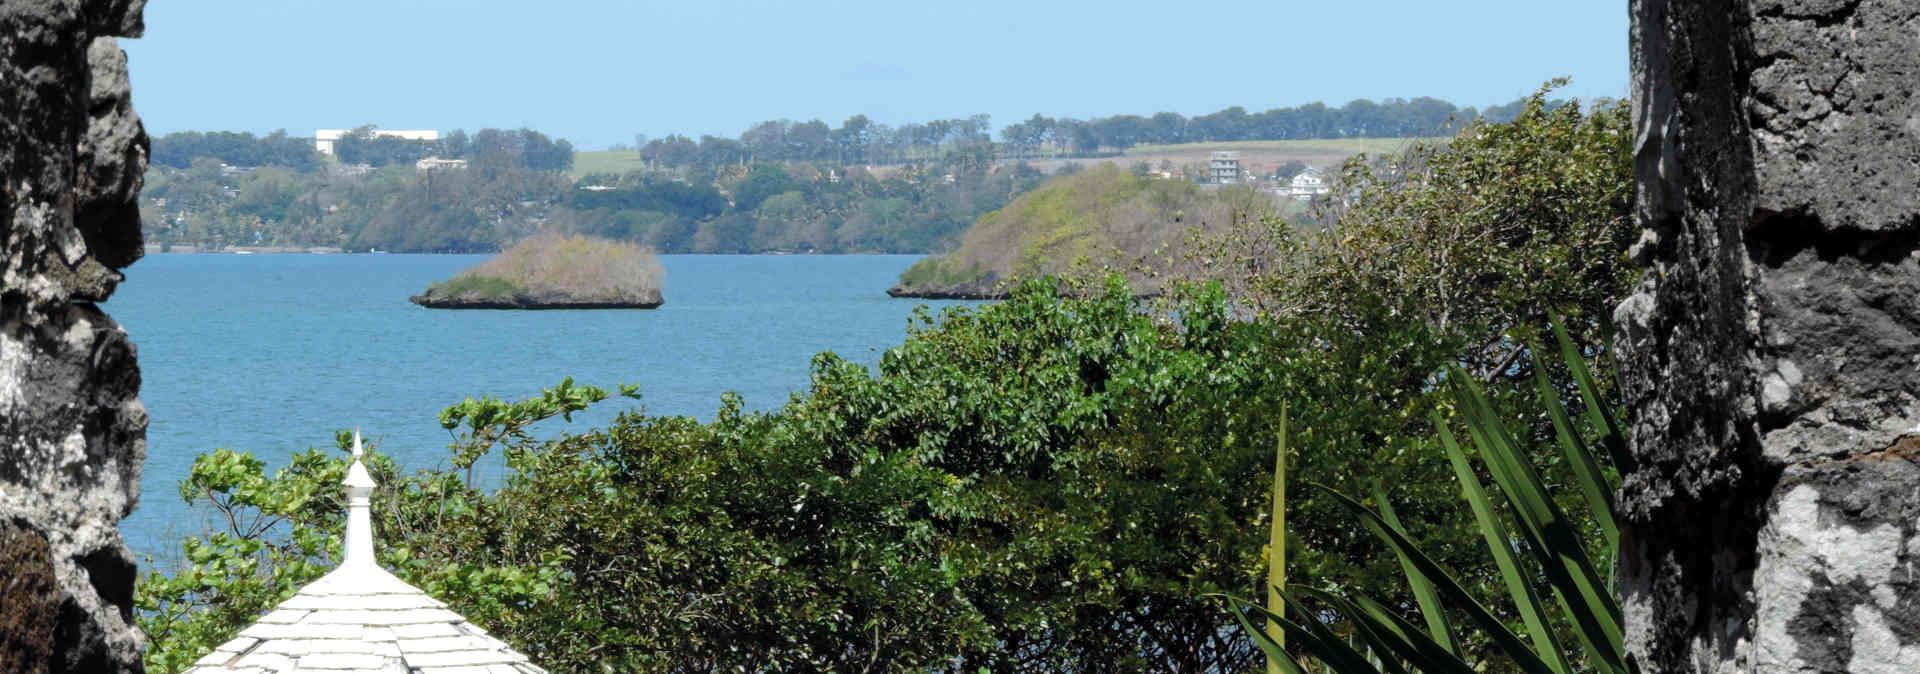 Restos del asentamiento holandés en Mauricio